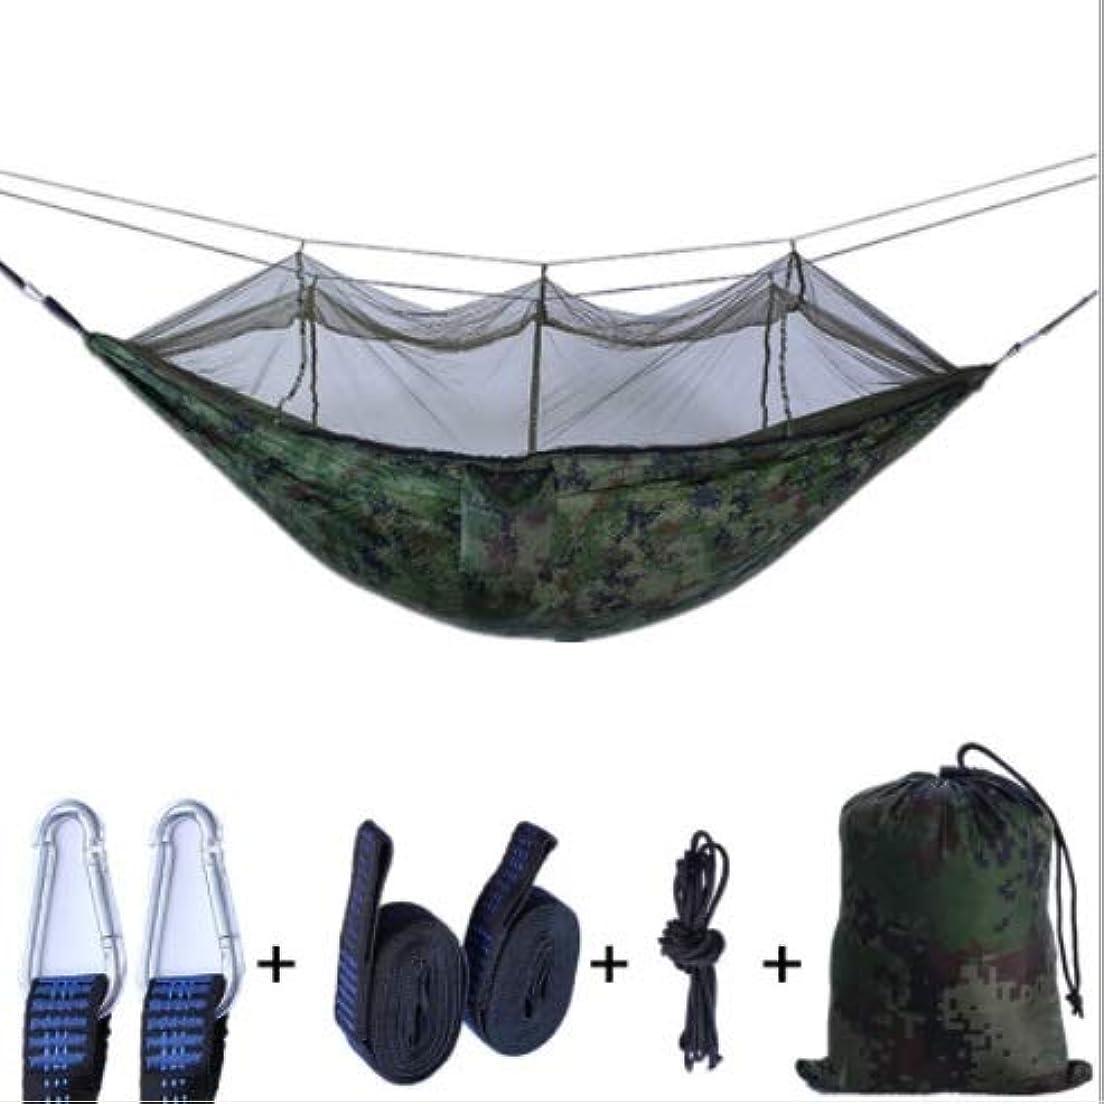 カスケード理想的消去屋外の蚊帳ハンモック210 tニシ回転超軽量パラシュート布キャンプ空中テント